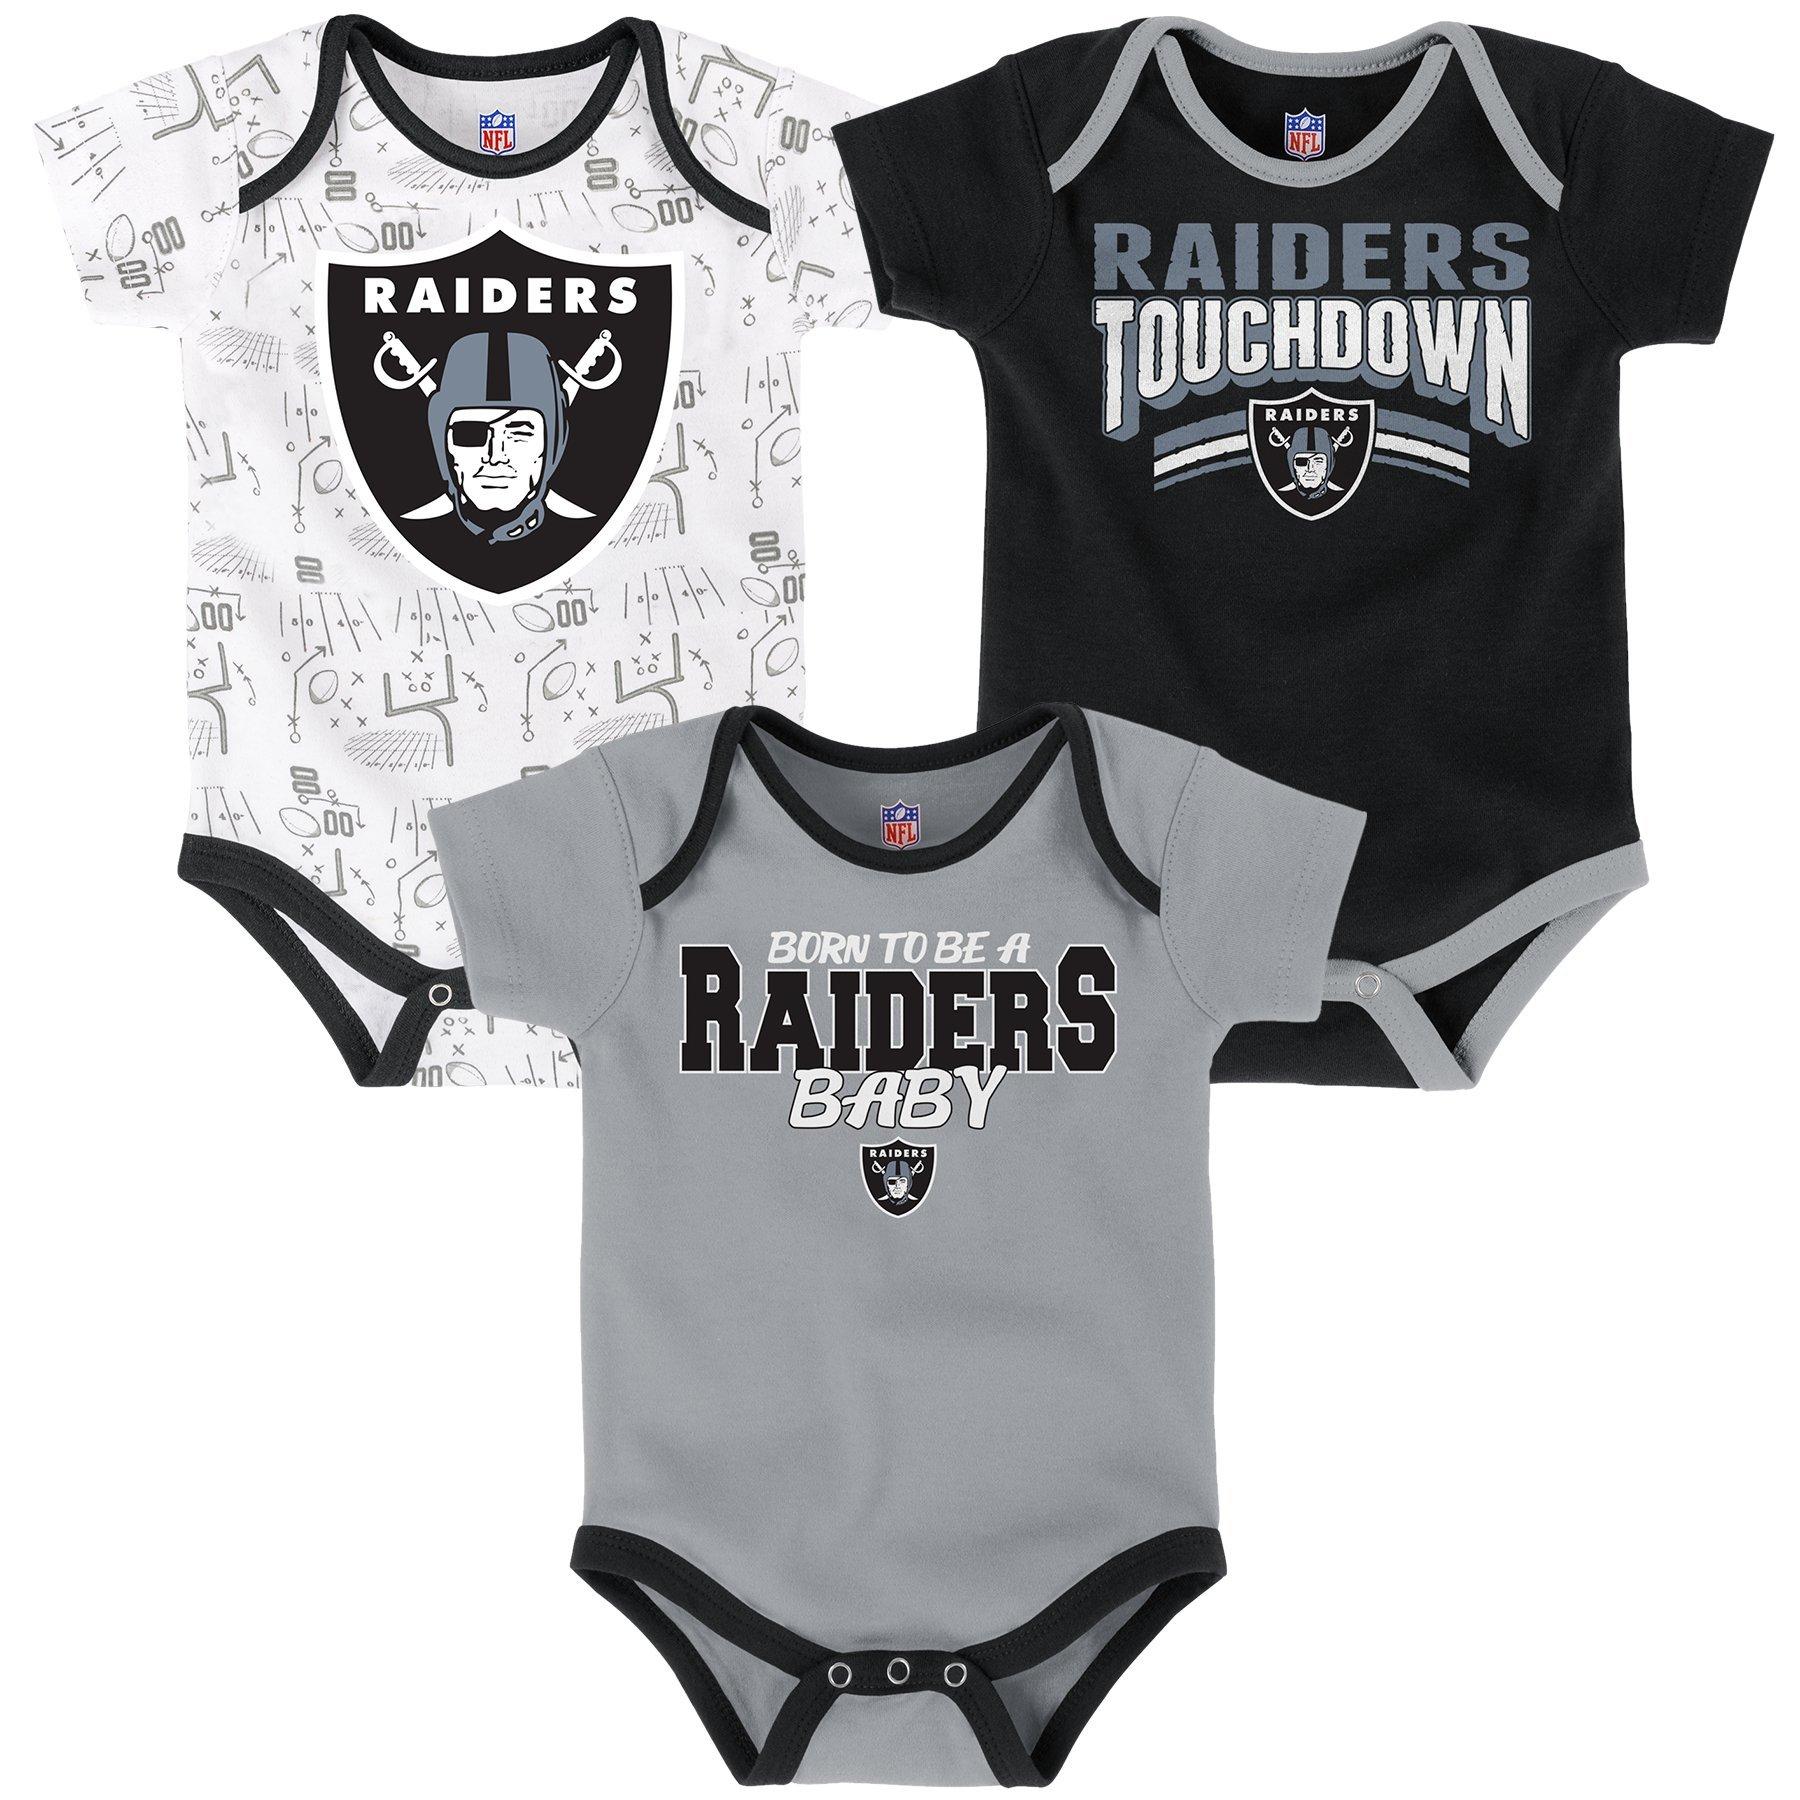 6dbe42cda NFL Newborn Playmaker 3 Piece Onesie Set-Black-3 Months, Oakland Raiders